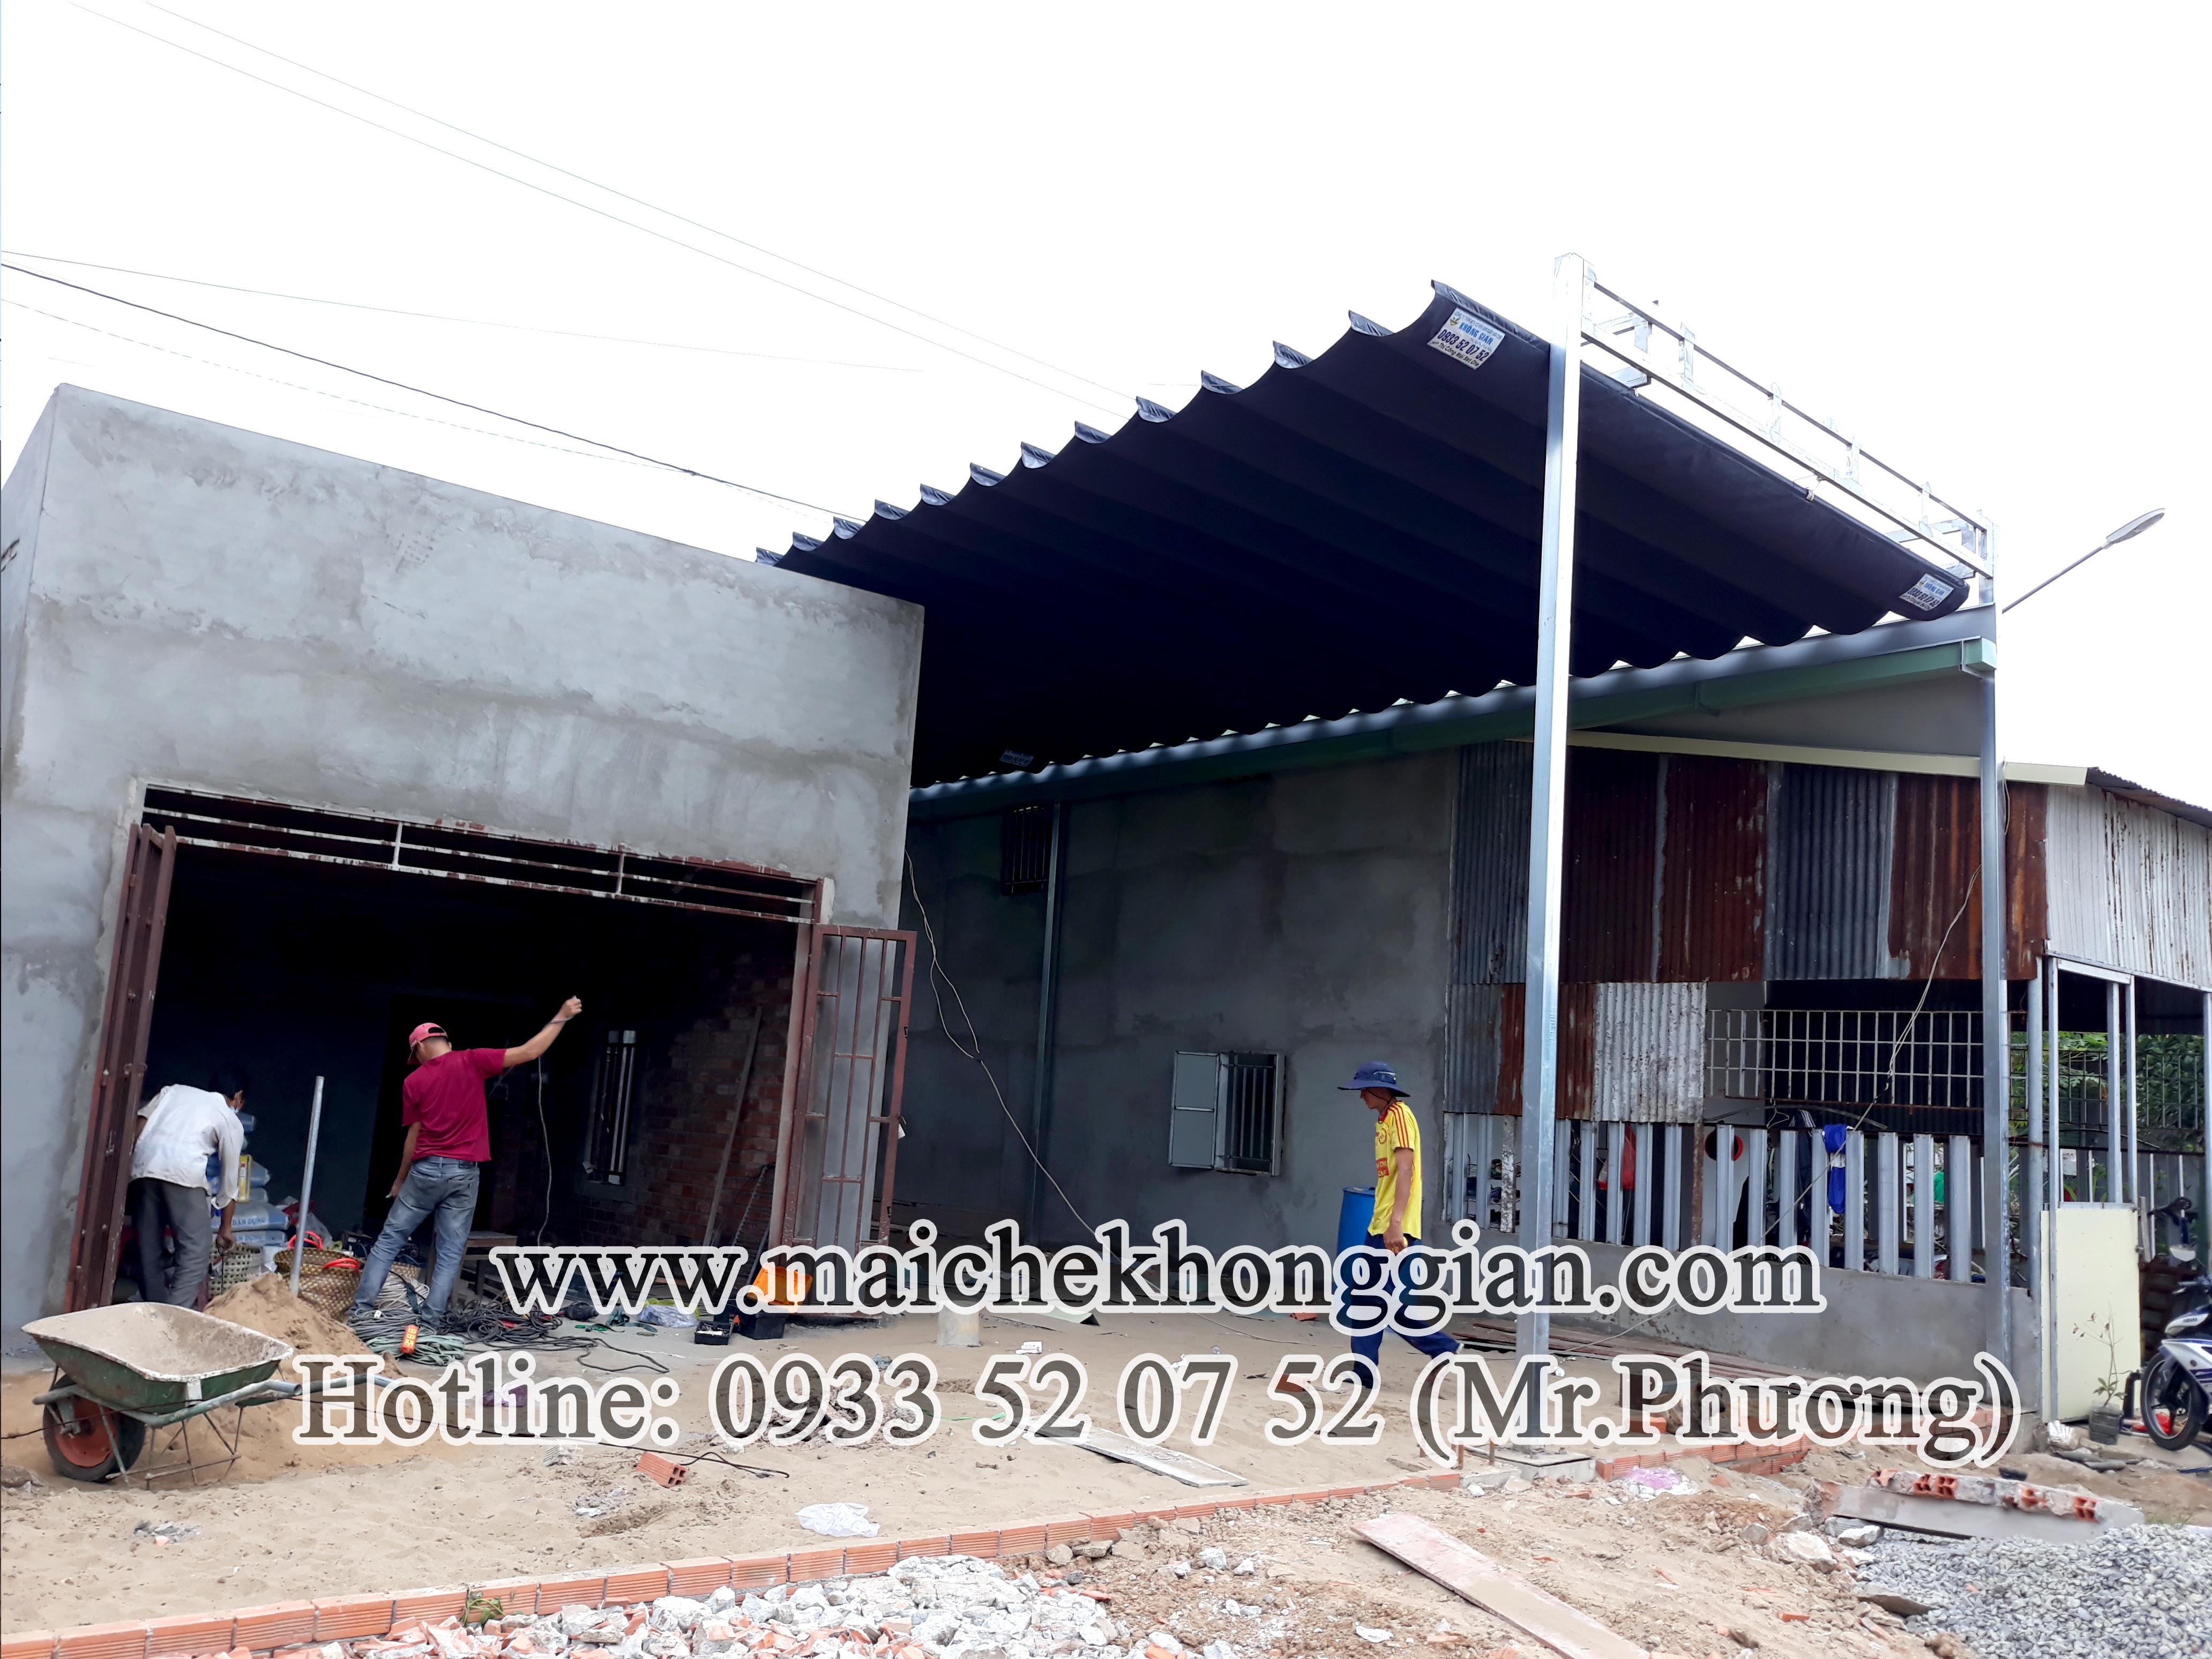 Mái che di động Hòa Thành Tây Ninh